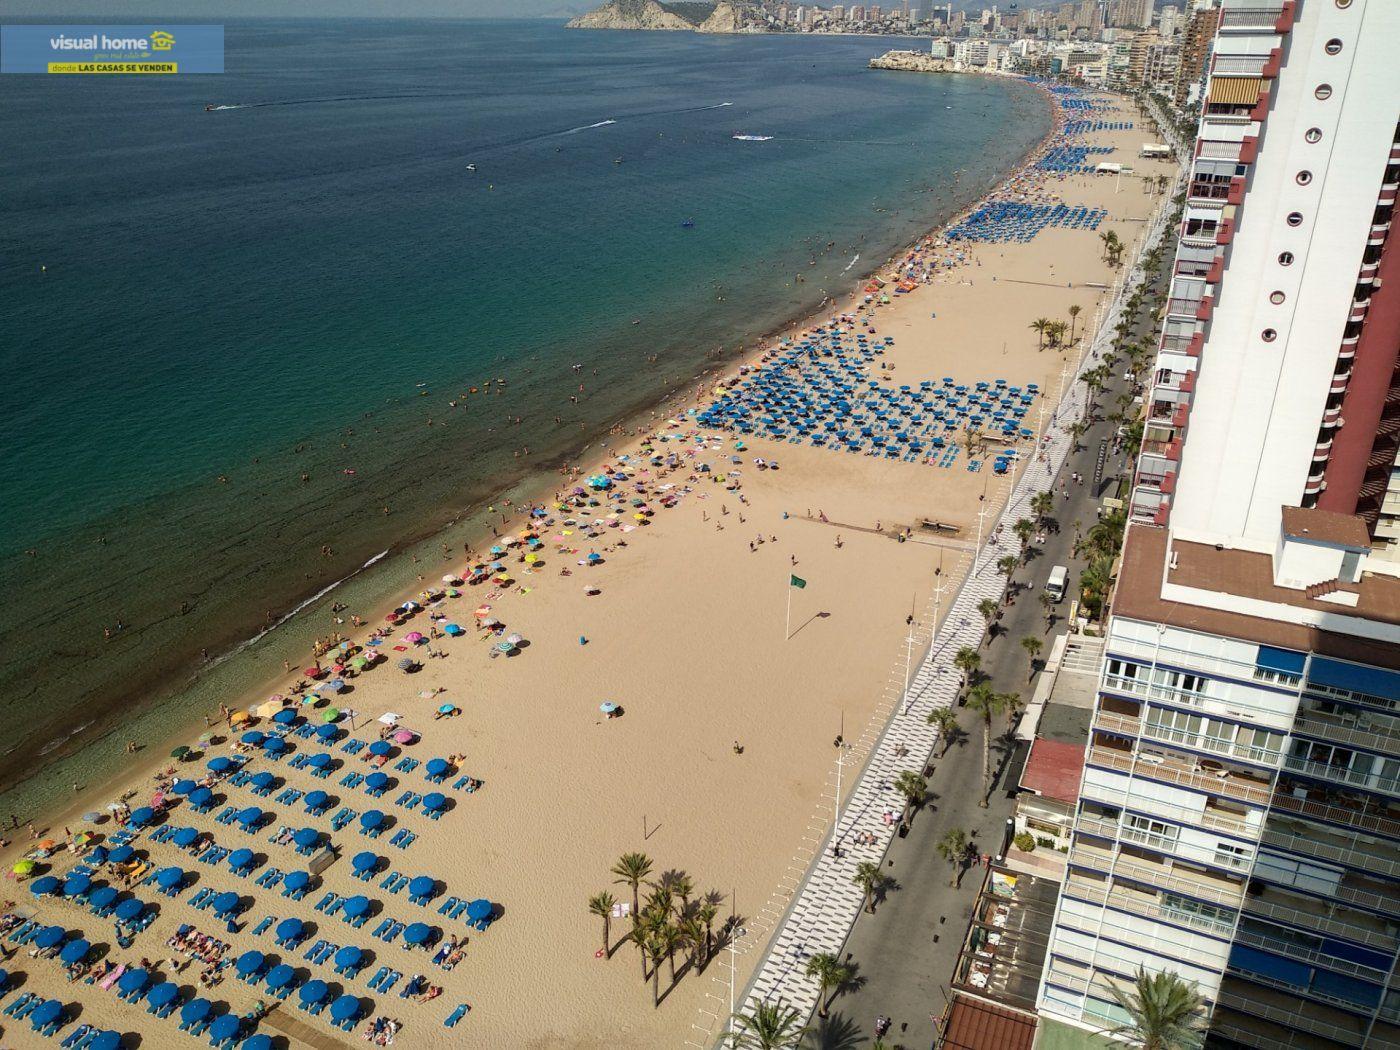 Apartamento de 1 dormitorio con espectaculares vistas  en 1ª linea de playa con parking y piscina 35